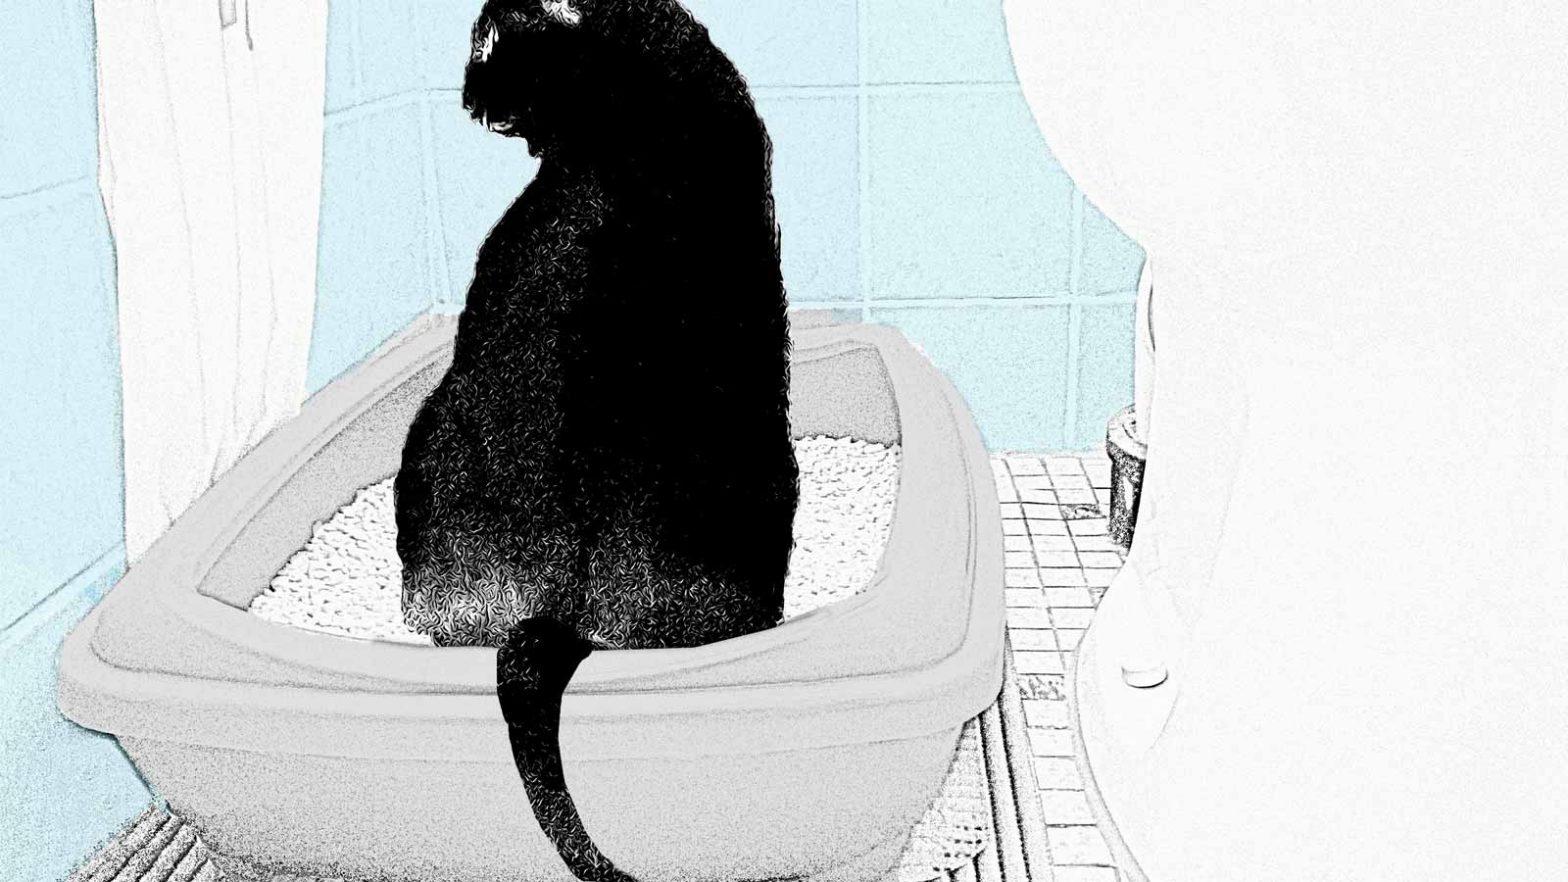 Luzis Katzenklo steht genau neben dem Menschenklo